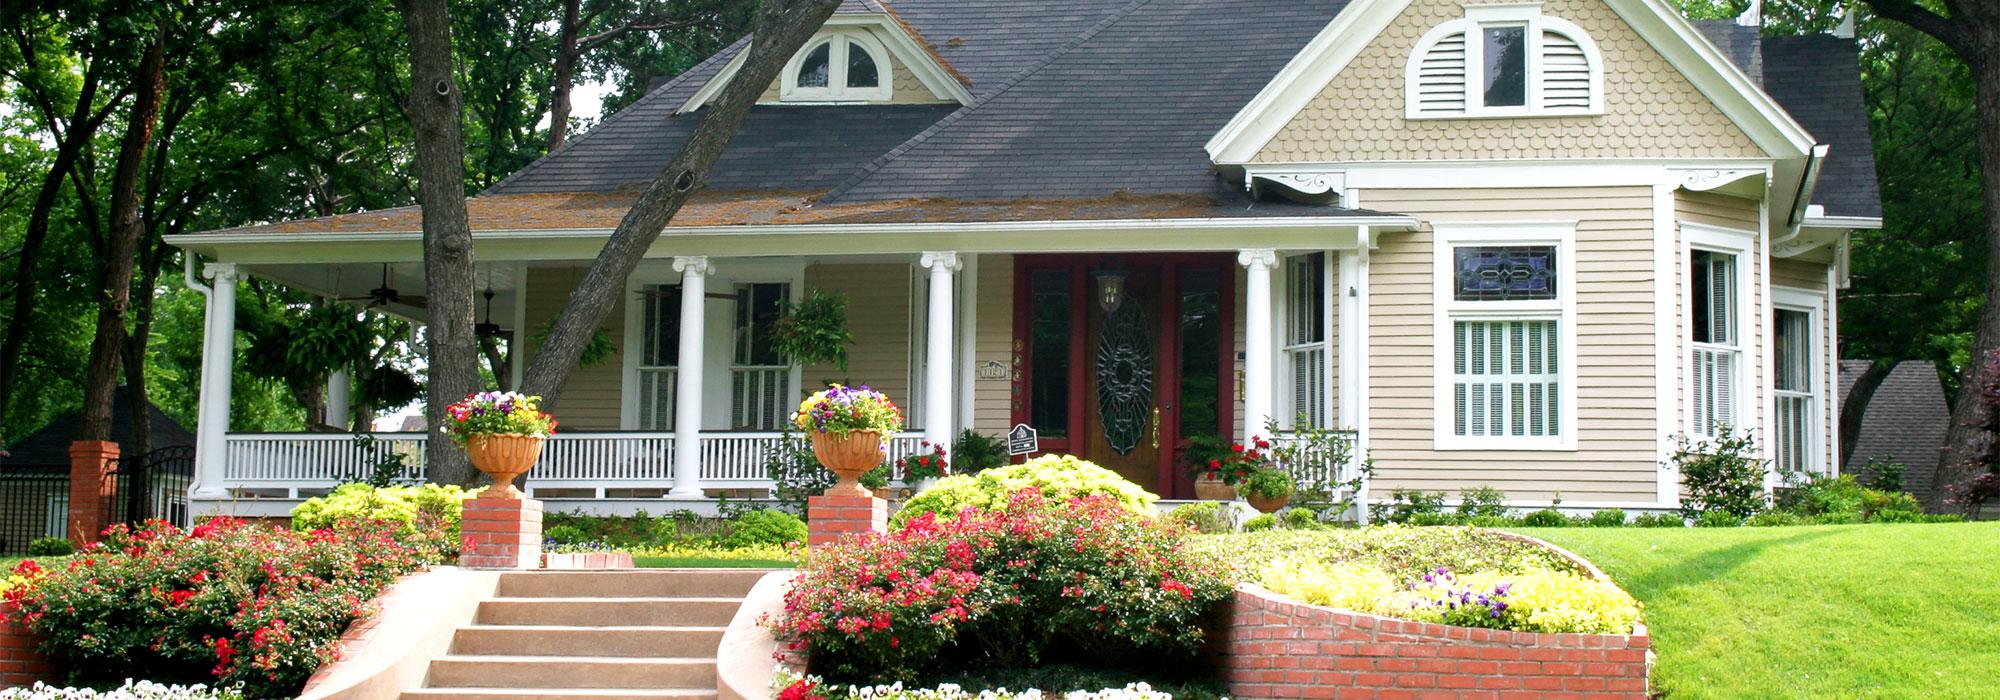 Spěcháte-li na prodej nemovitosti, ne vždy musíte čekat na kupce.